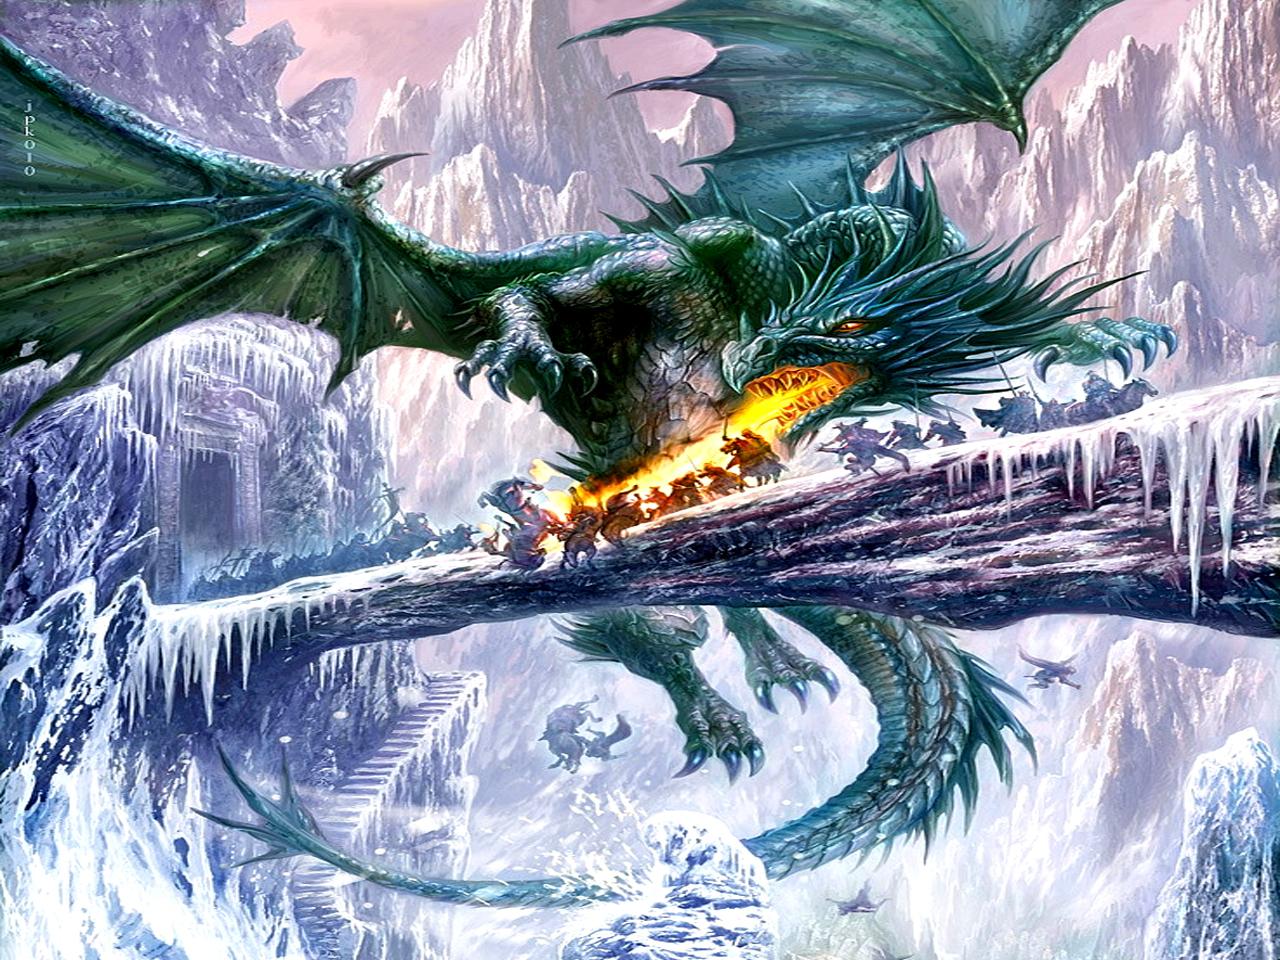 Dragon hình nền